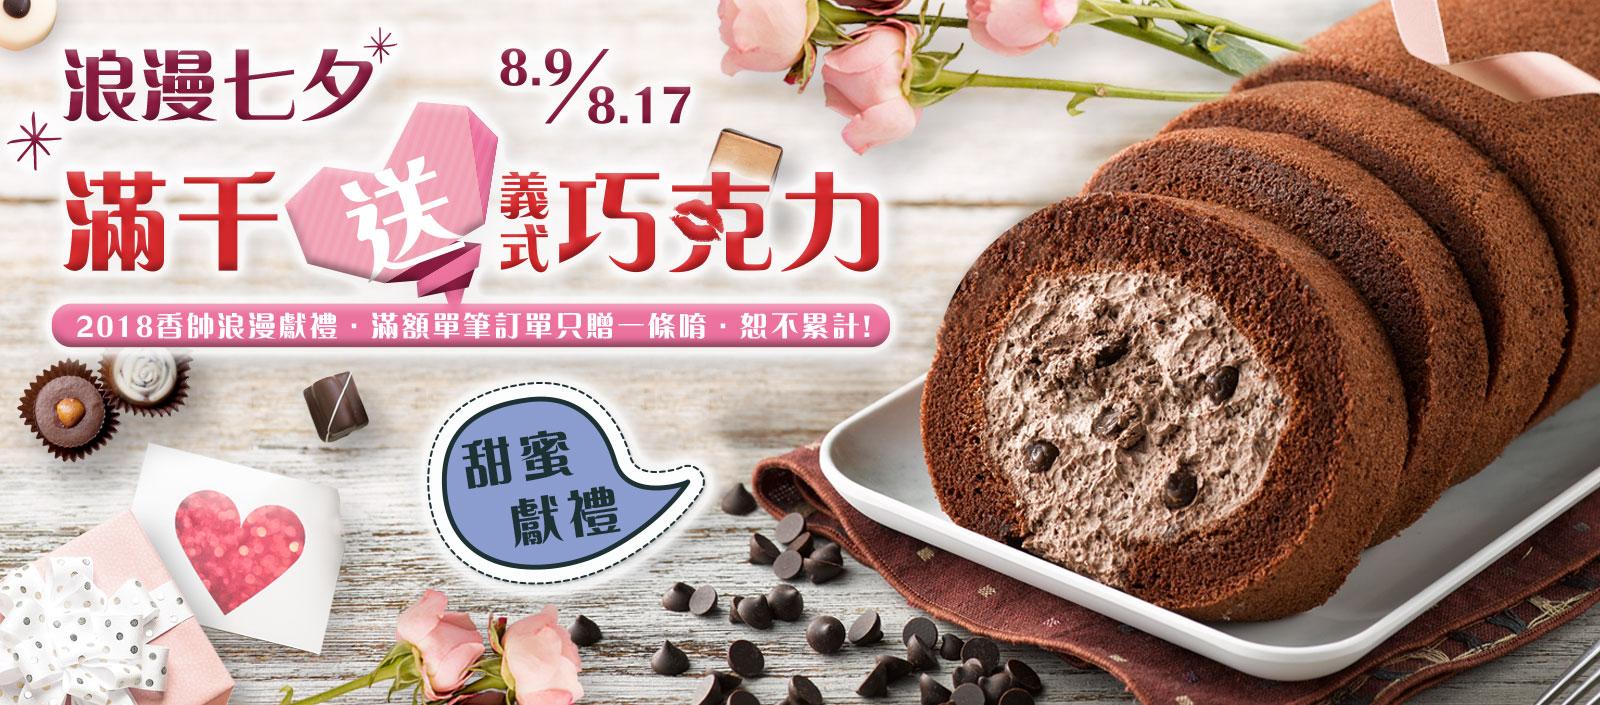 浪漫七夕滿千送義式巧克力